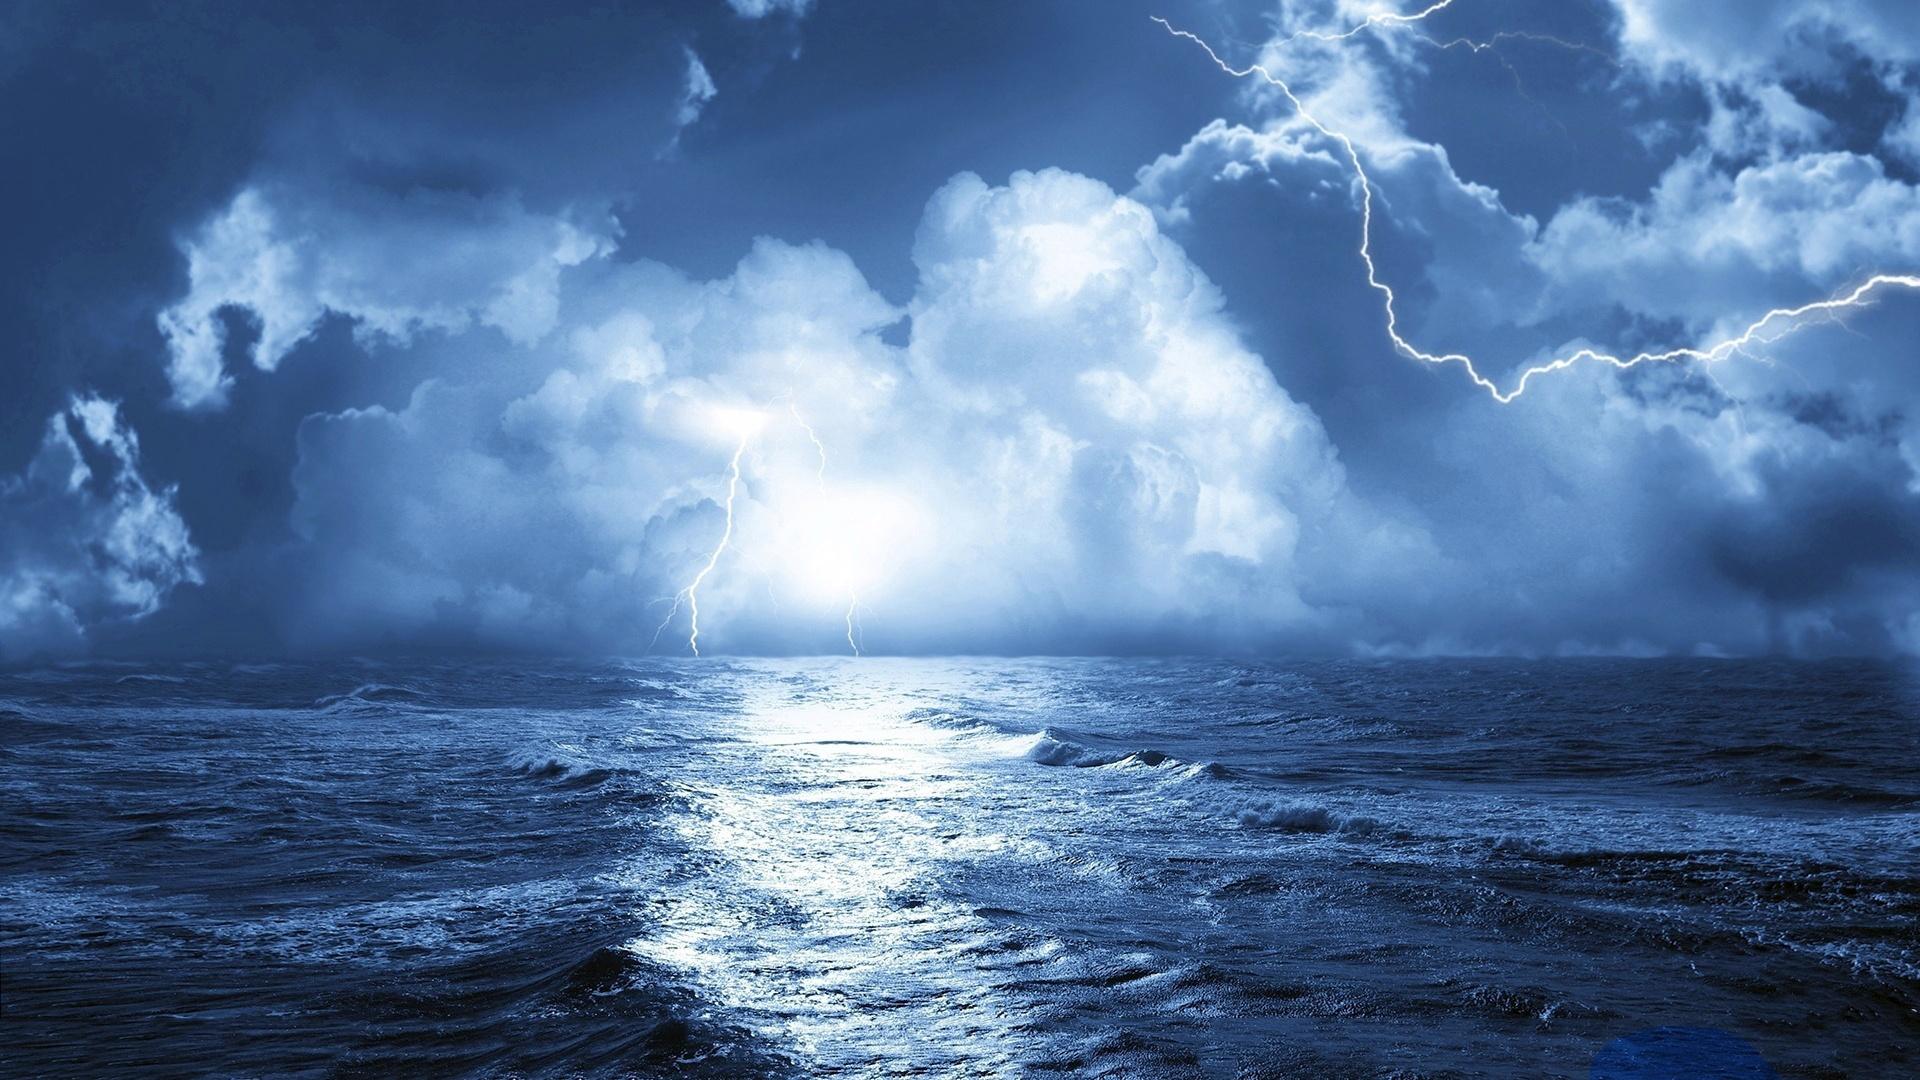 Storm at sea.